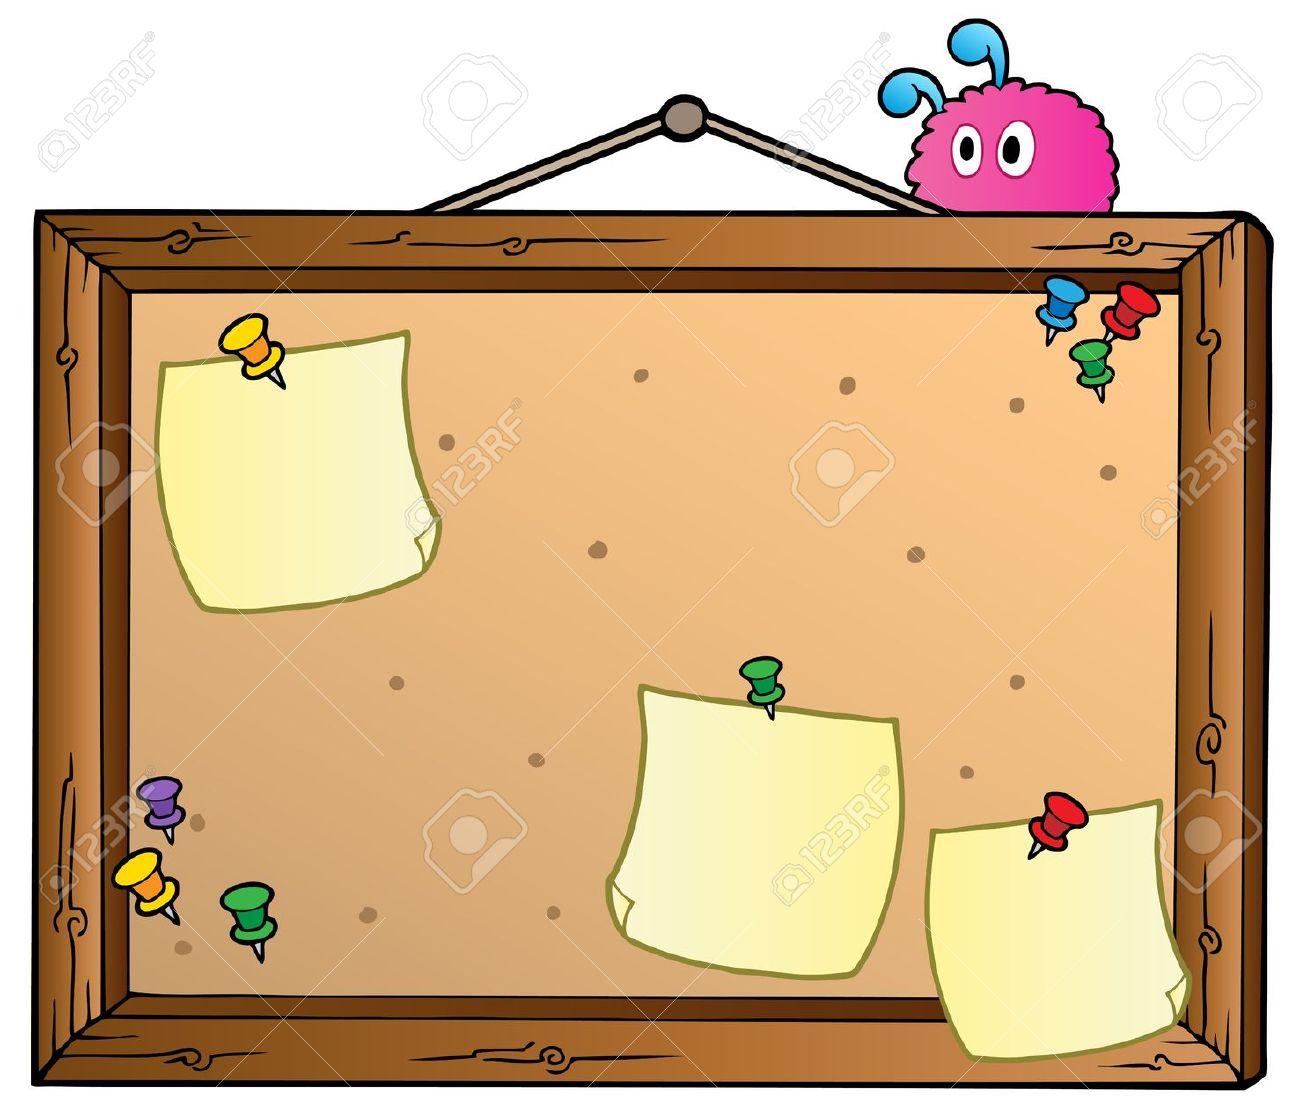 cartoon bulletin board clipart panda free clipart images rh clipartpanda com bulletin board clipart images bulletin board design clipart